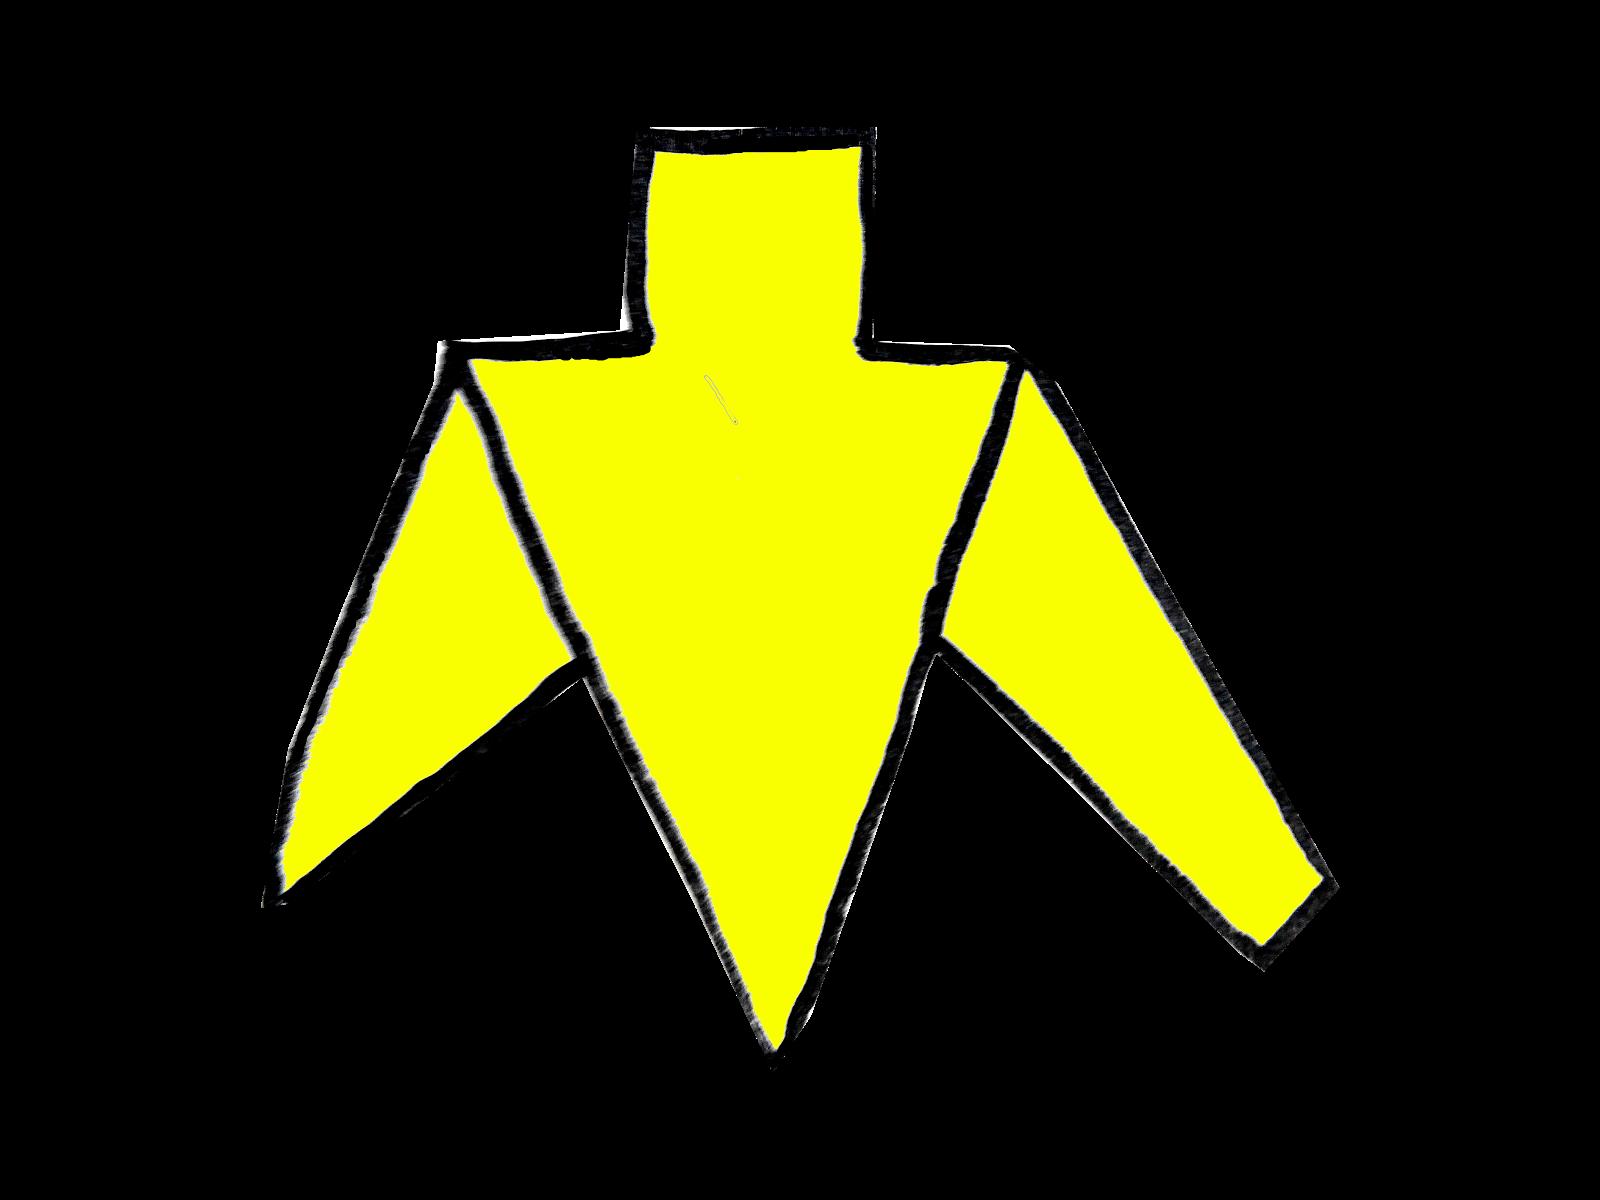 El meu logo